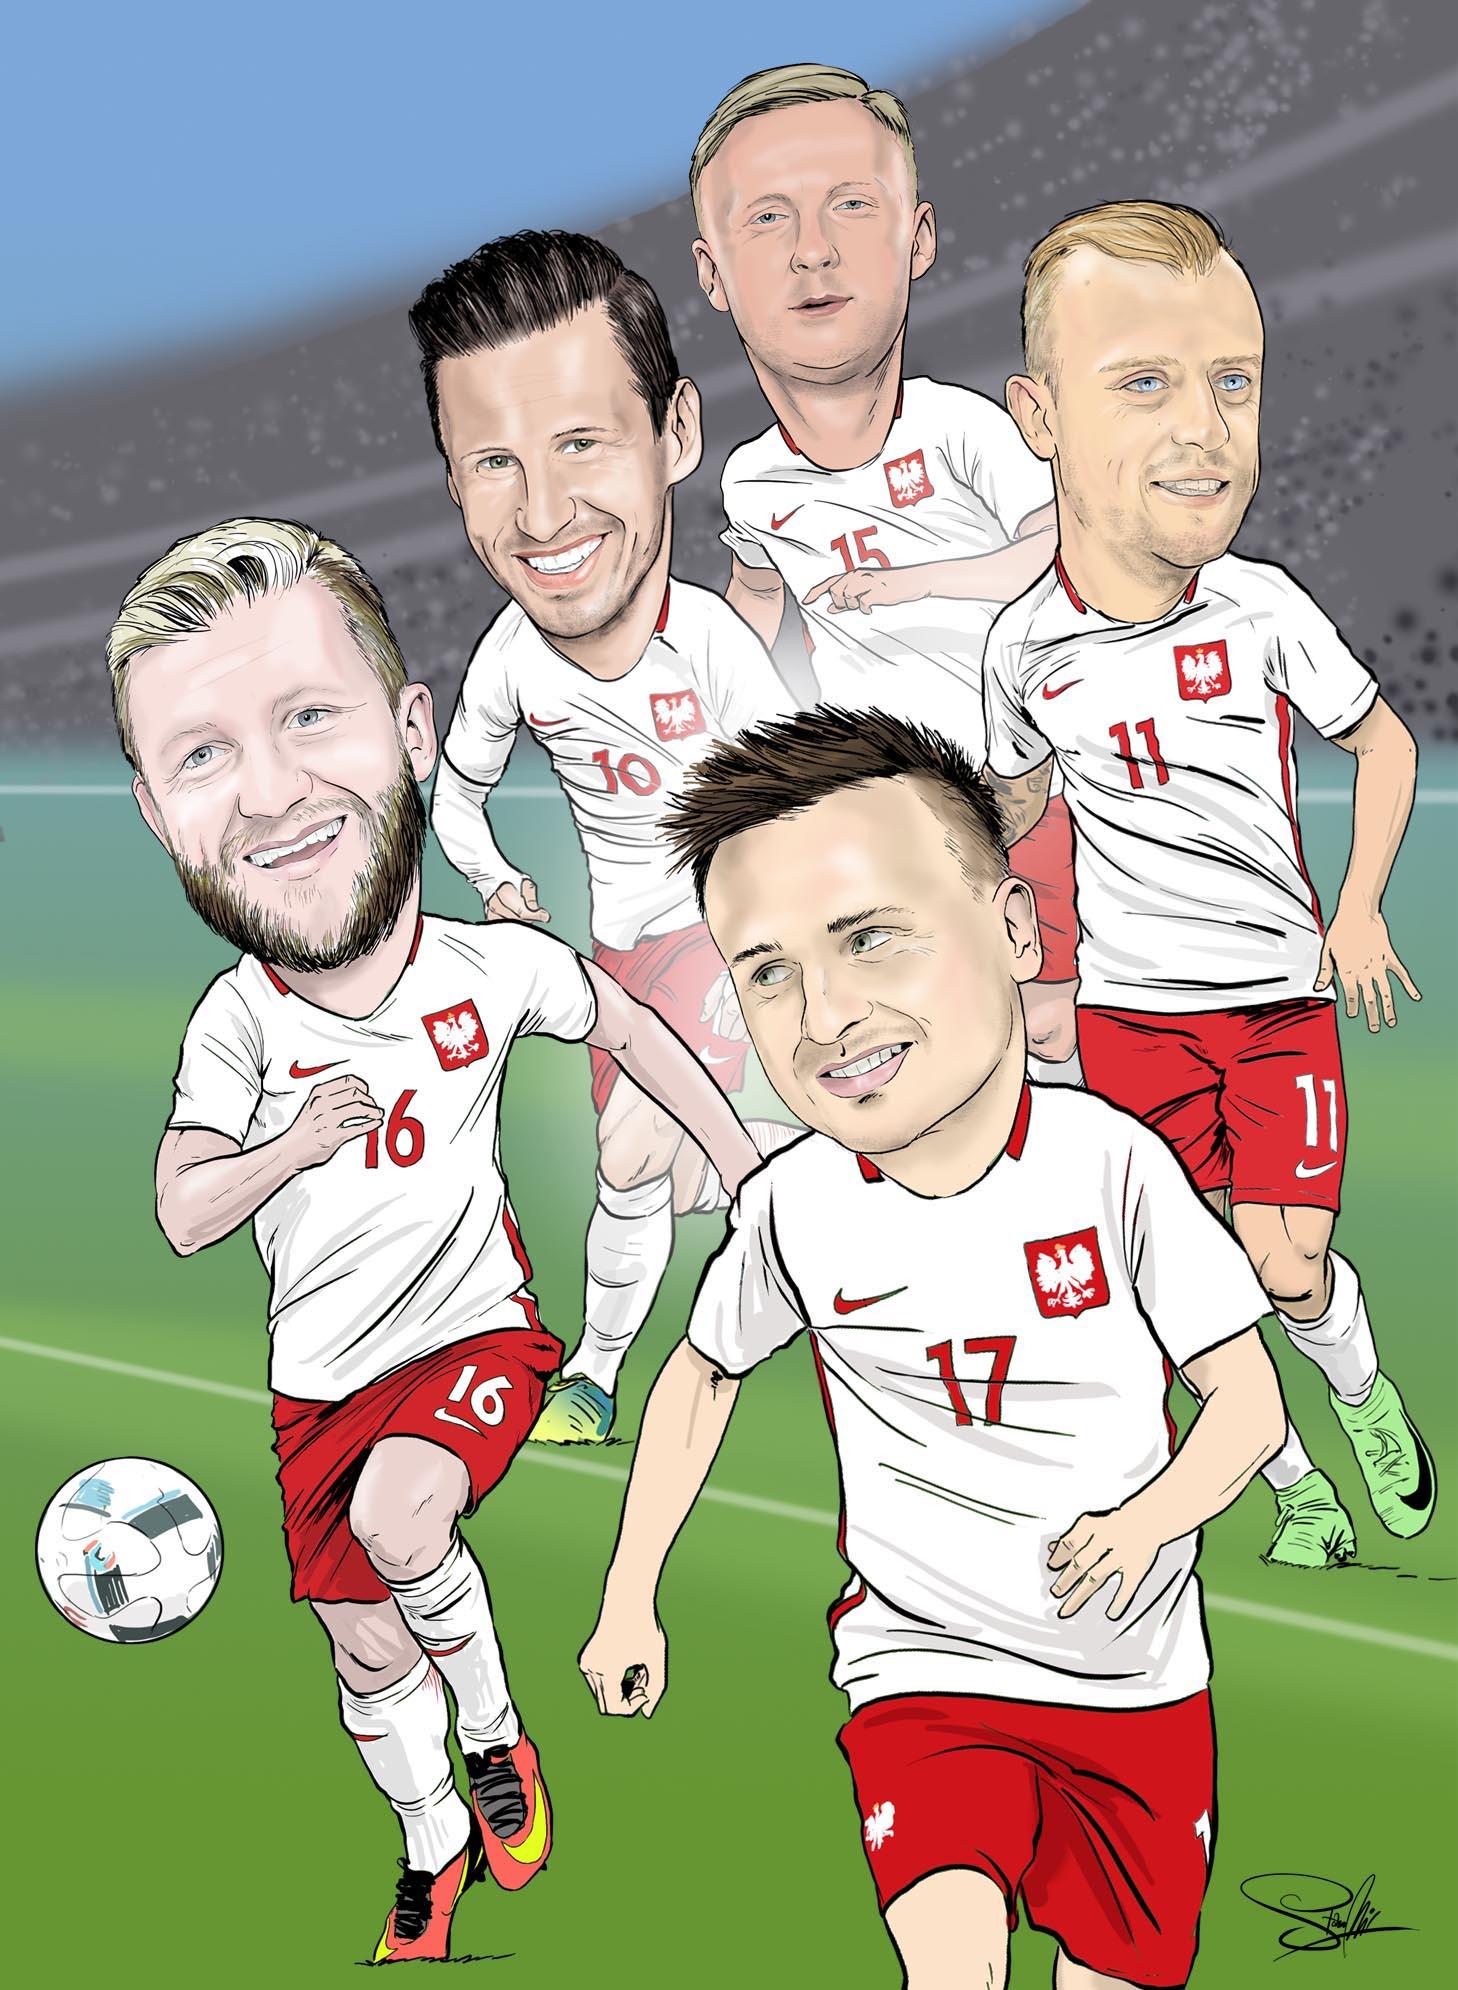 reprezentacja polski piłka nożna karykatura